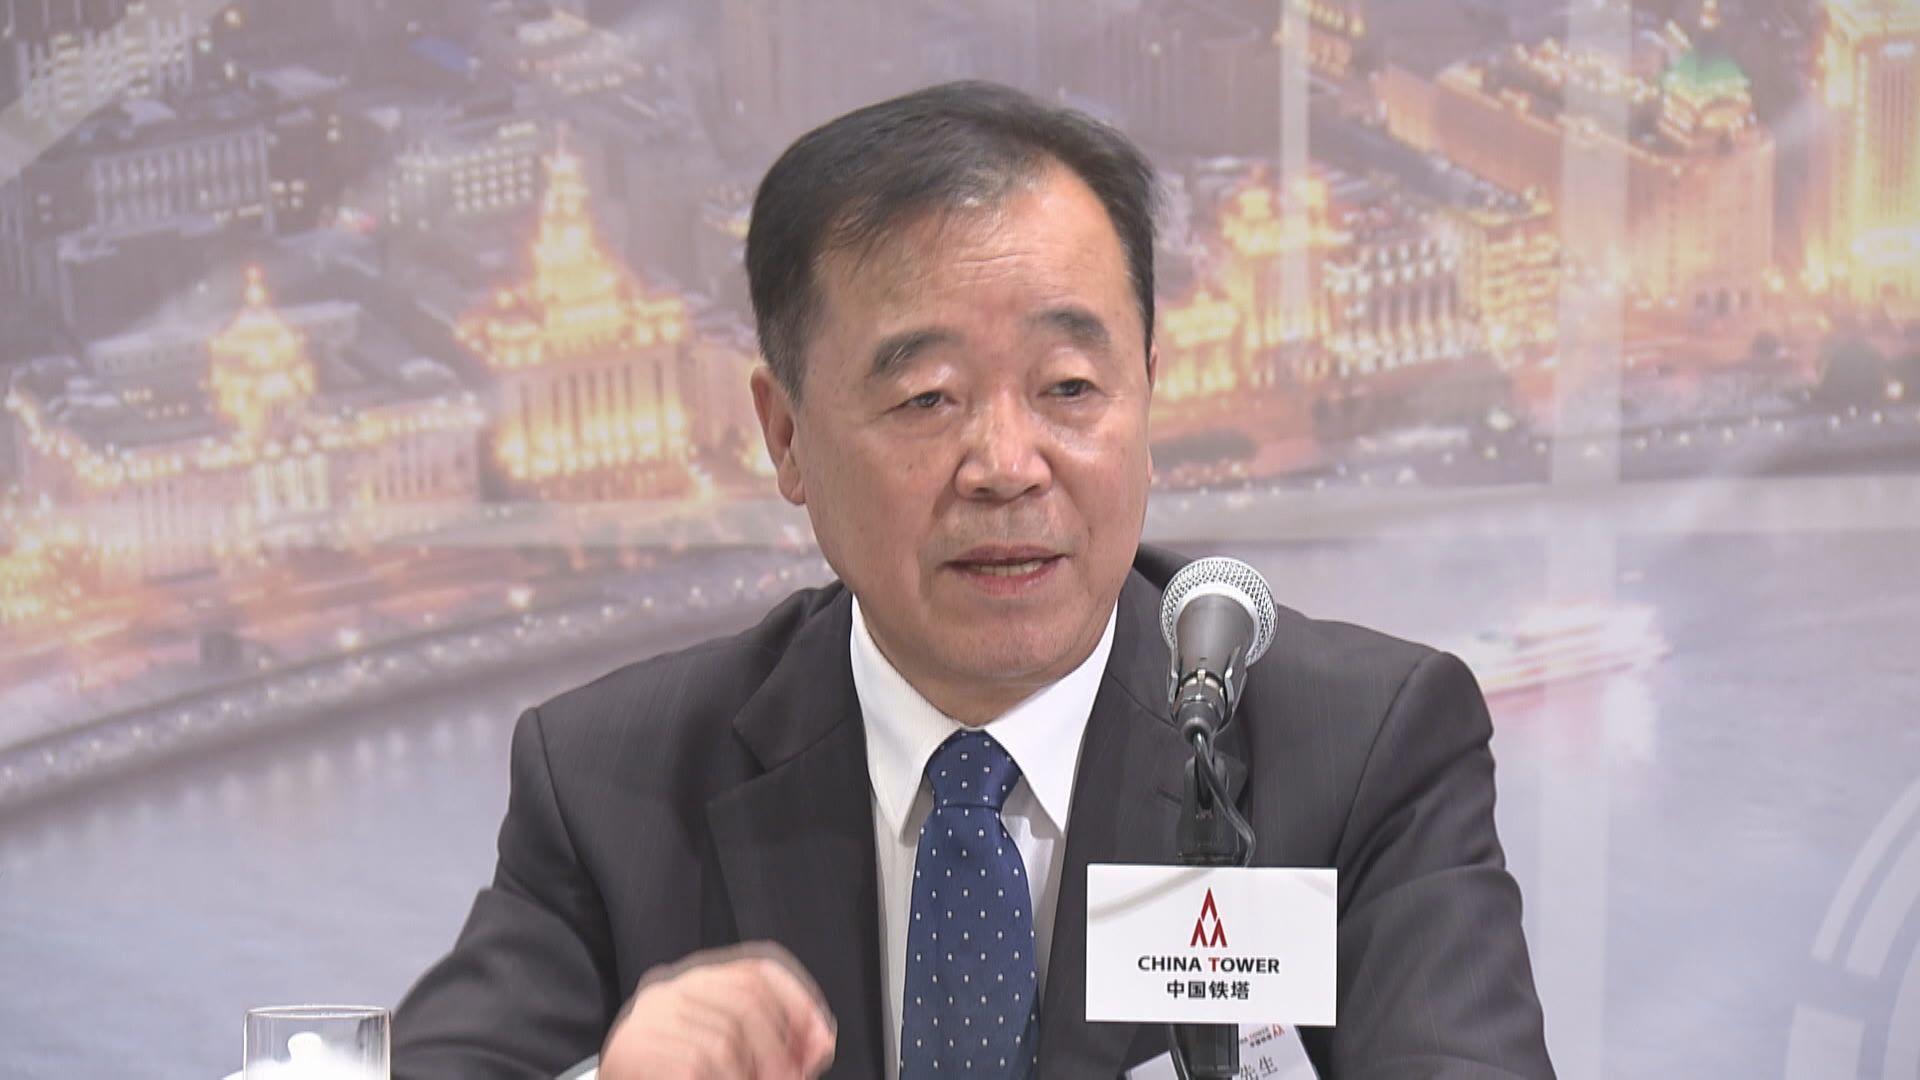 中國鐵塔:5G建設正常進行中